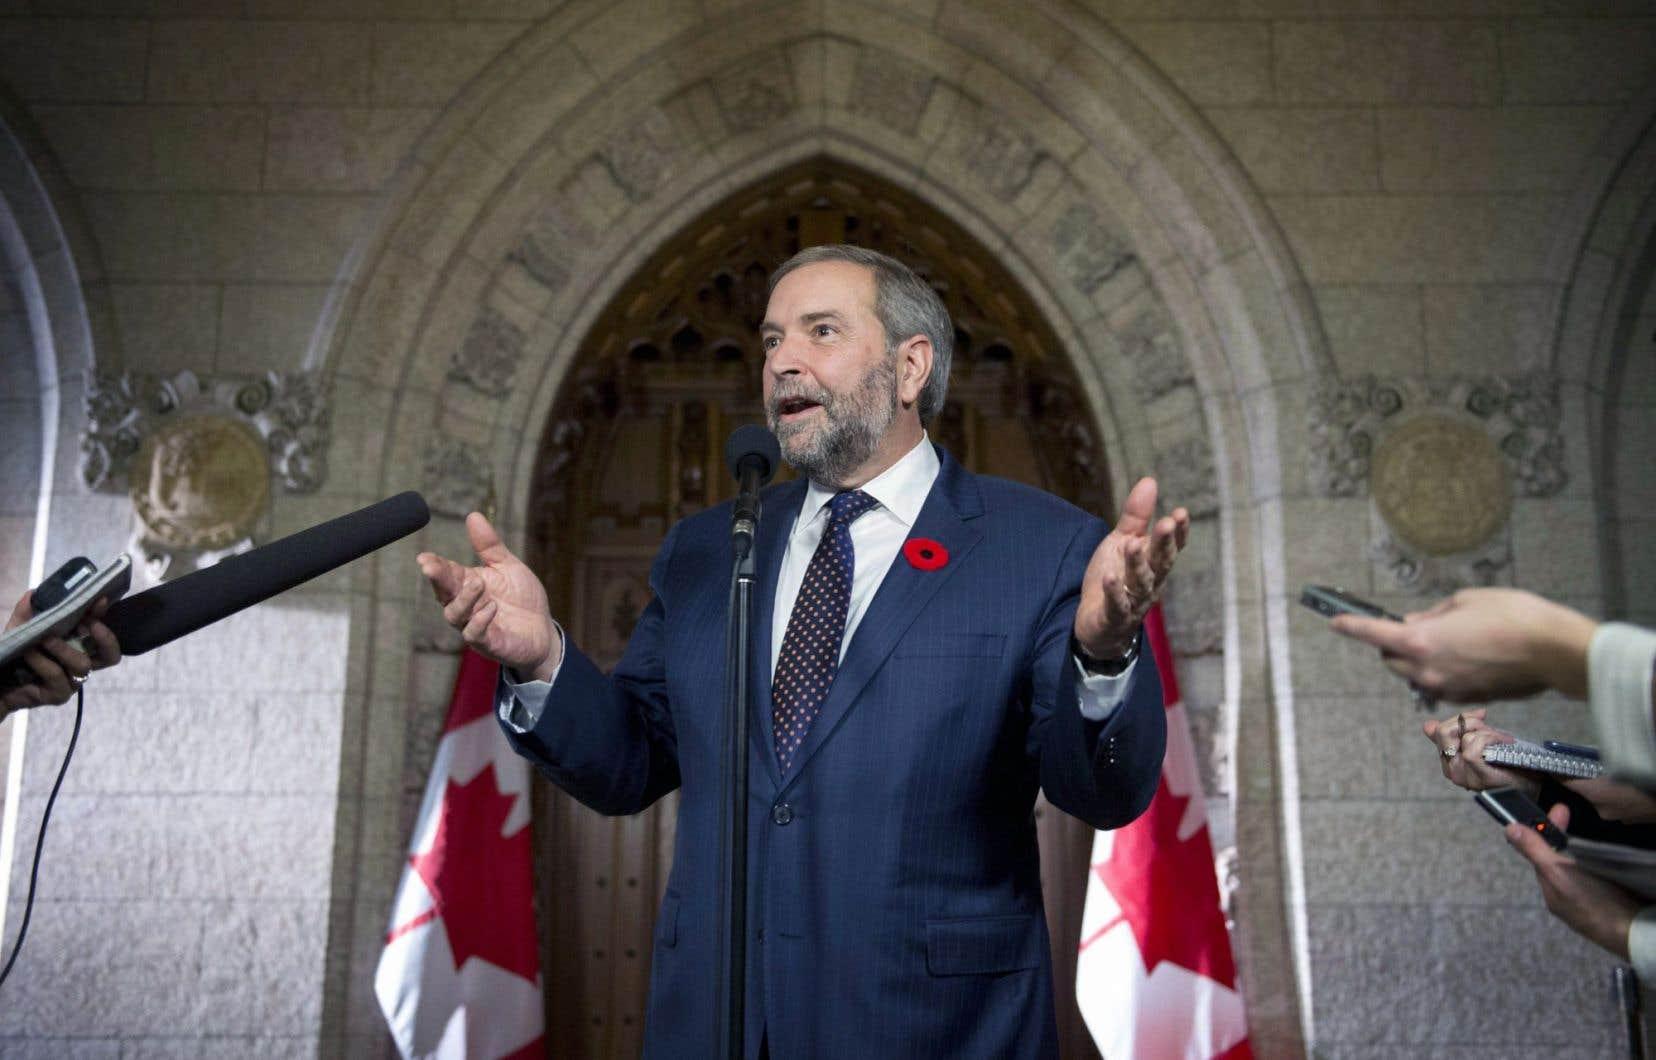 Thomas Mulcair s'est défendu d'avoir voulu éviter la couverture médiatique en tenant sa première sortie publique depuis l'élection le jour de l'assermentation du gouvernement Trudeau.